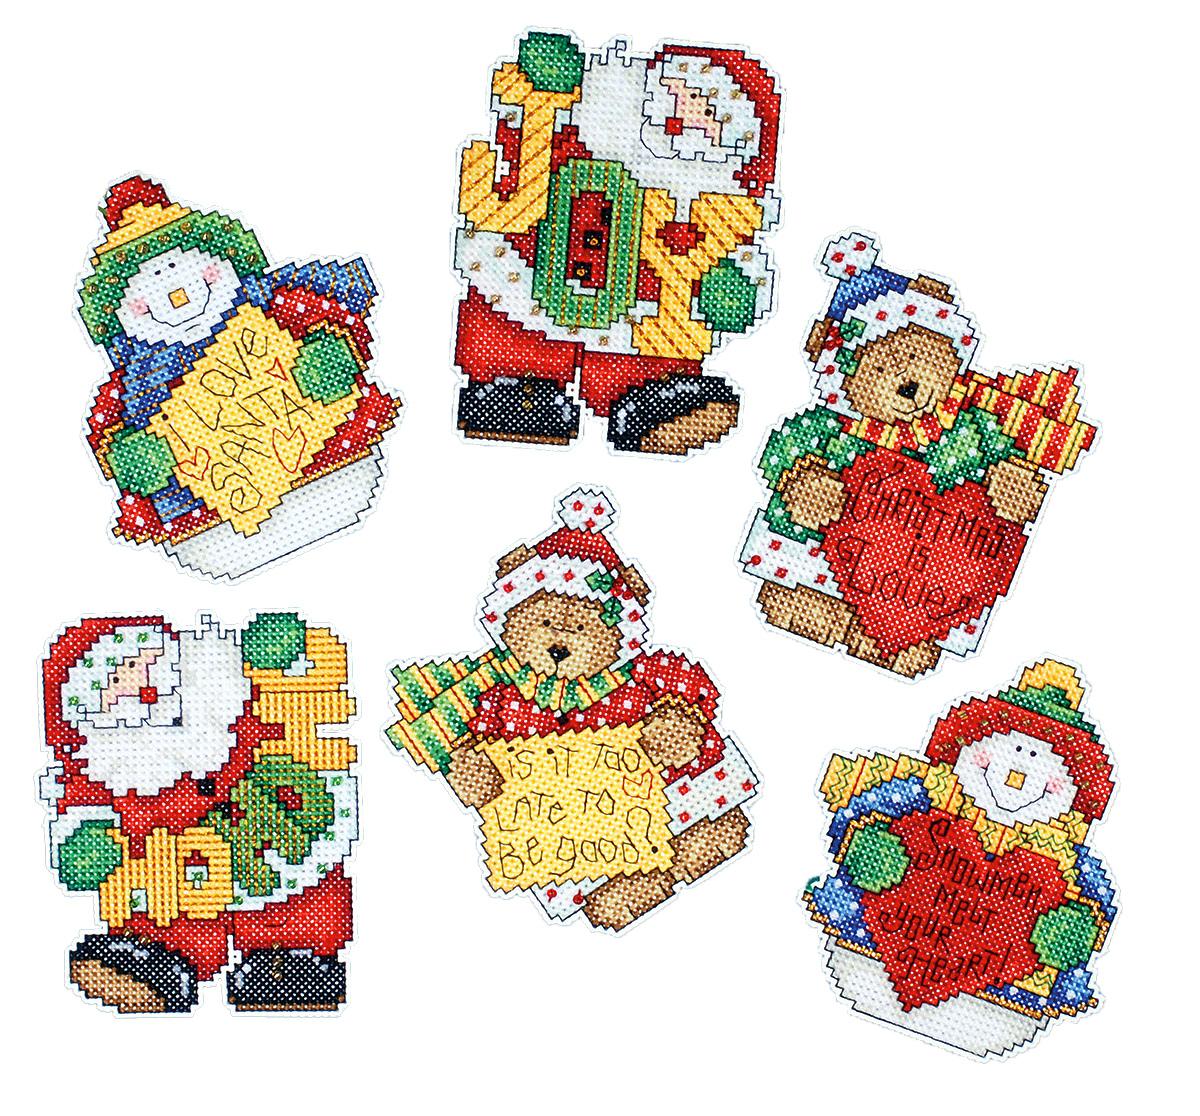 Набор для вышивания игрушки Design Works Радостные вести, 7 х 9 см, 6 шт1677Для 6 игрушек: канва пластиковая 14, нитки мулине (100% хлопок), игла, инструкция на русском языке.